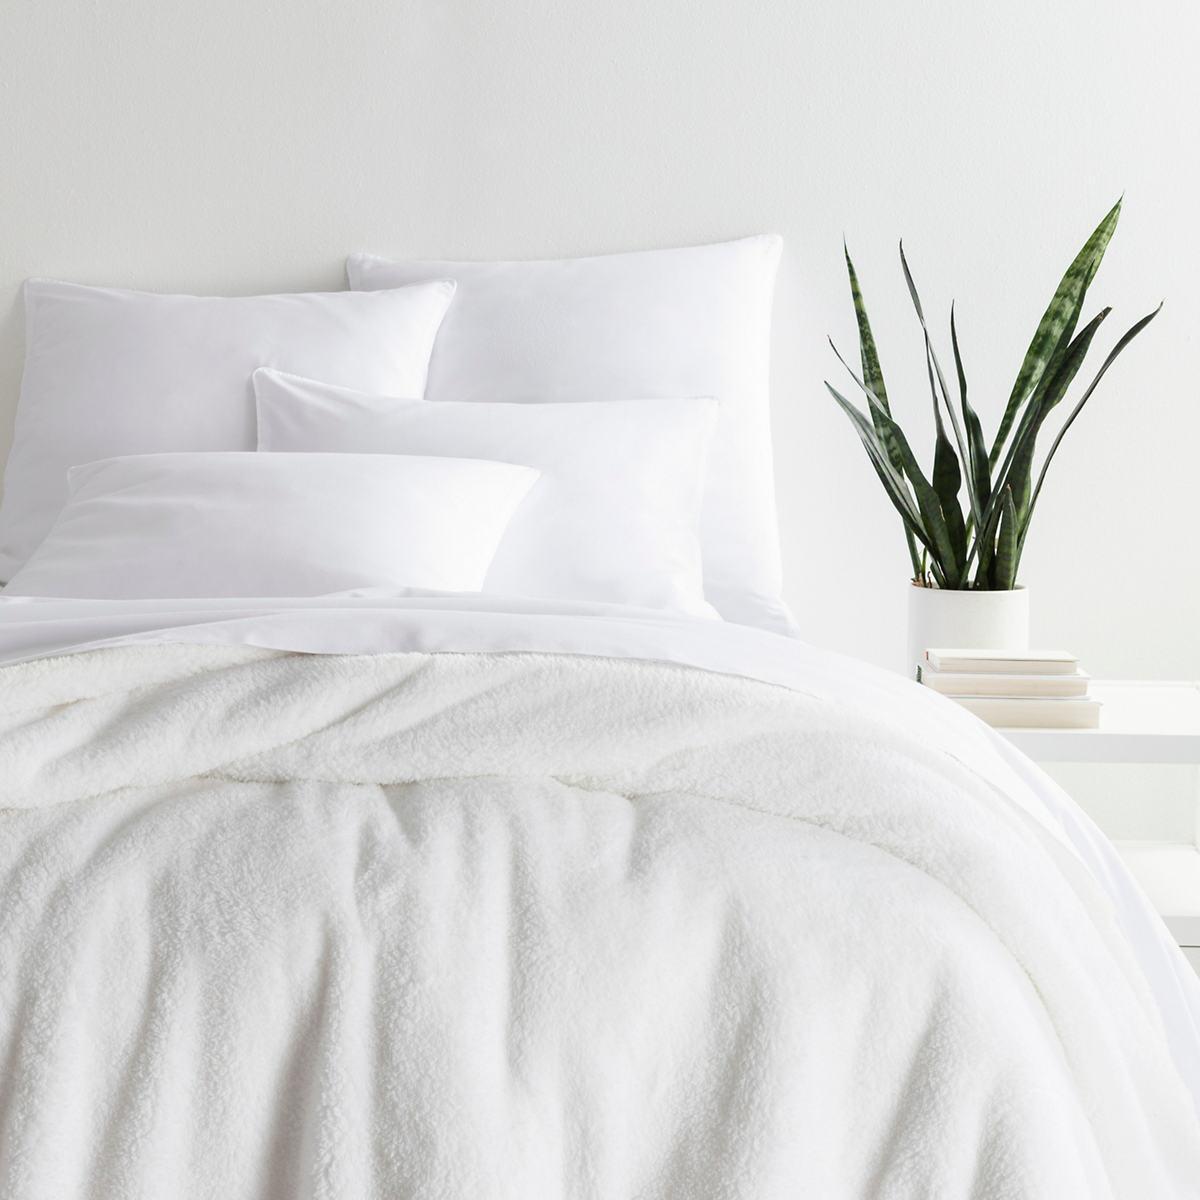 Heathered Fleece White Blanket